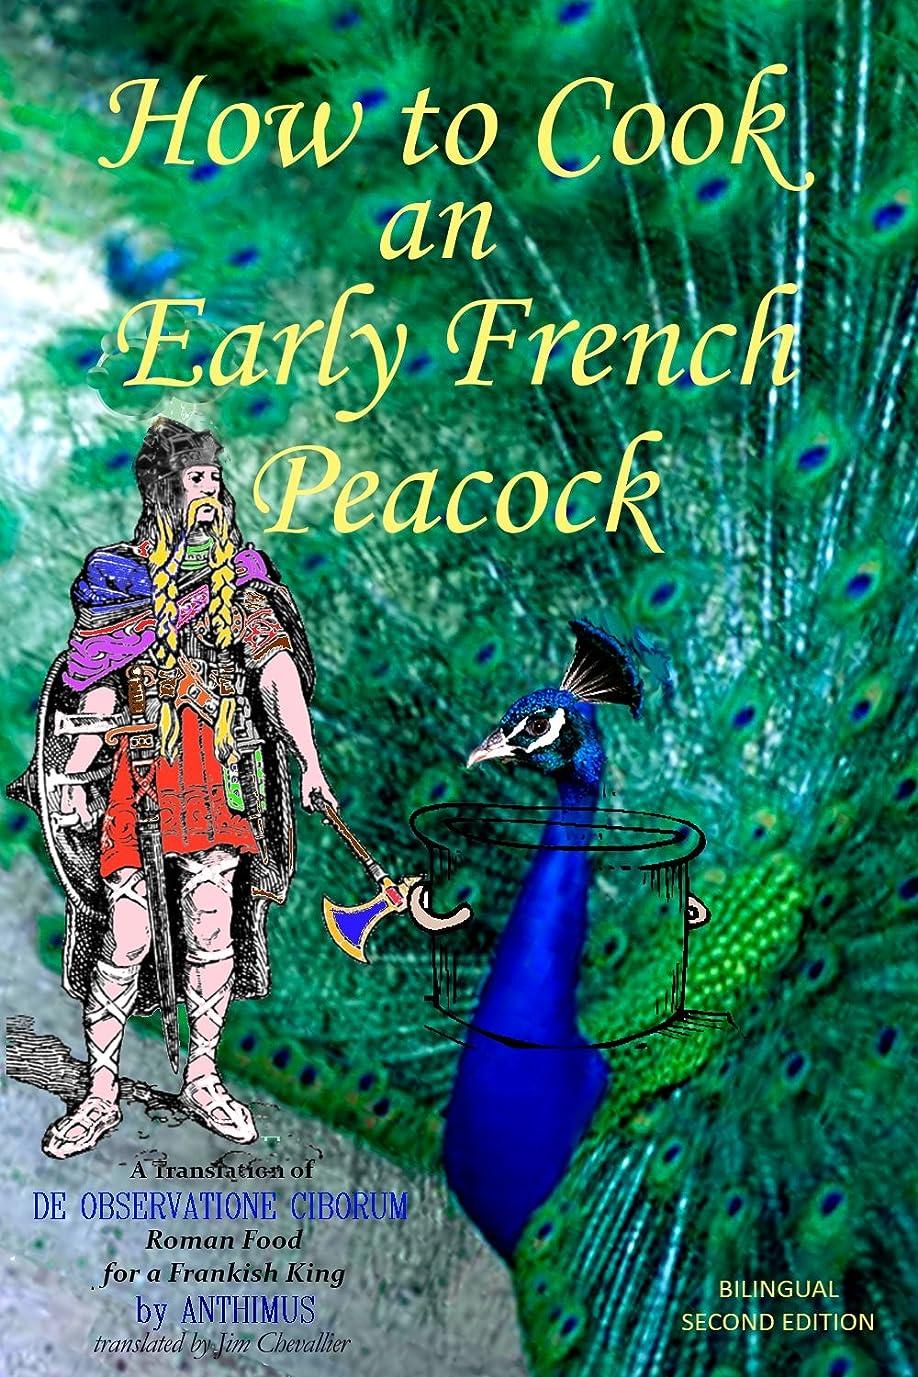 農場で出来ているまつげHow to Cook an Early French Peacock: De Observatione Ciborum - Roman Food for a Frankish King (Bilingual Second Edition) (English Edition)